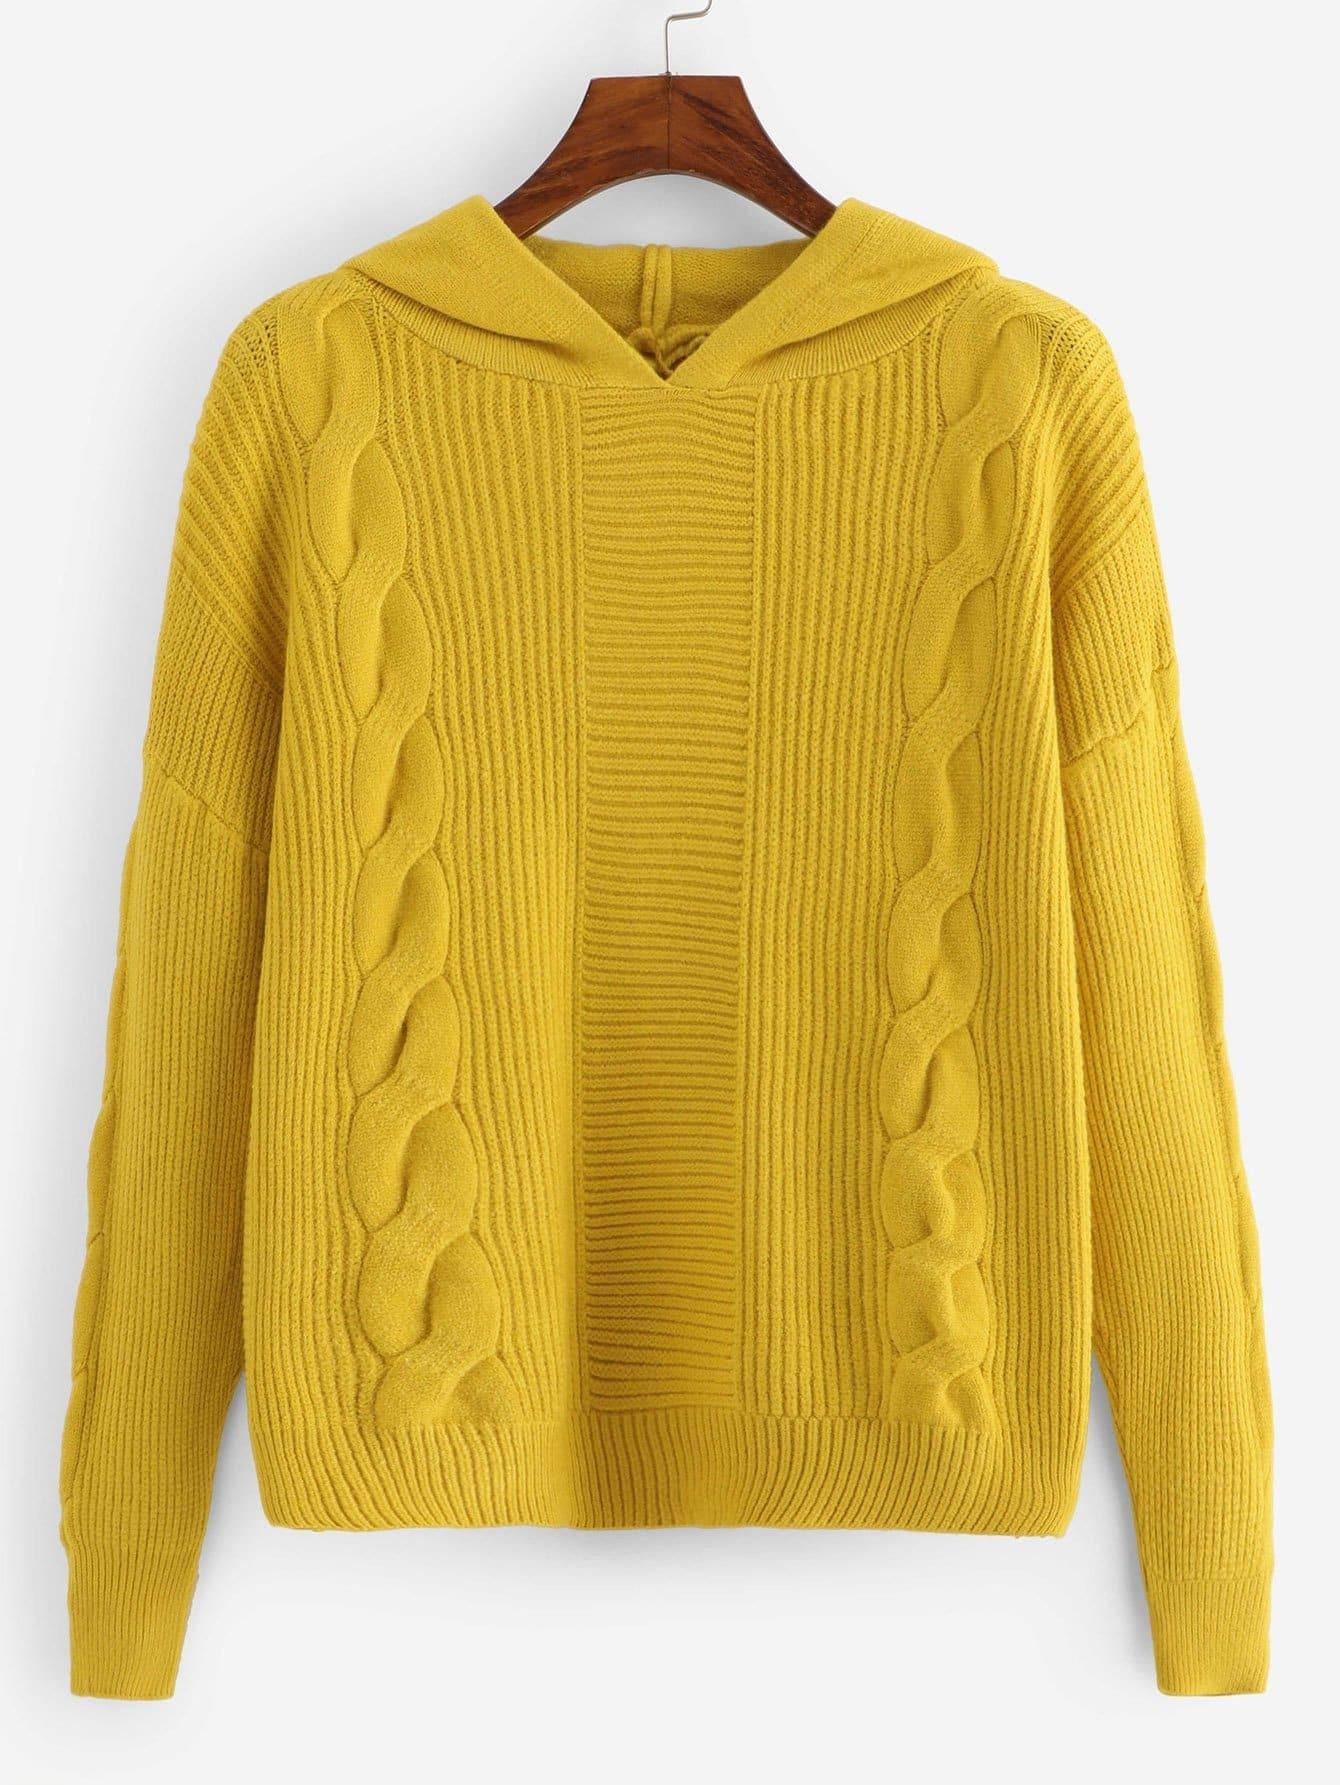 Reines Sweatshirt mit sehr tief angesetzter Schulterpartie und Kapuze